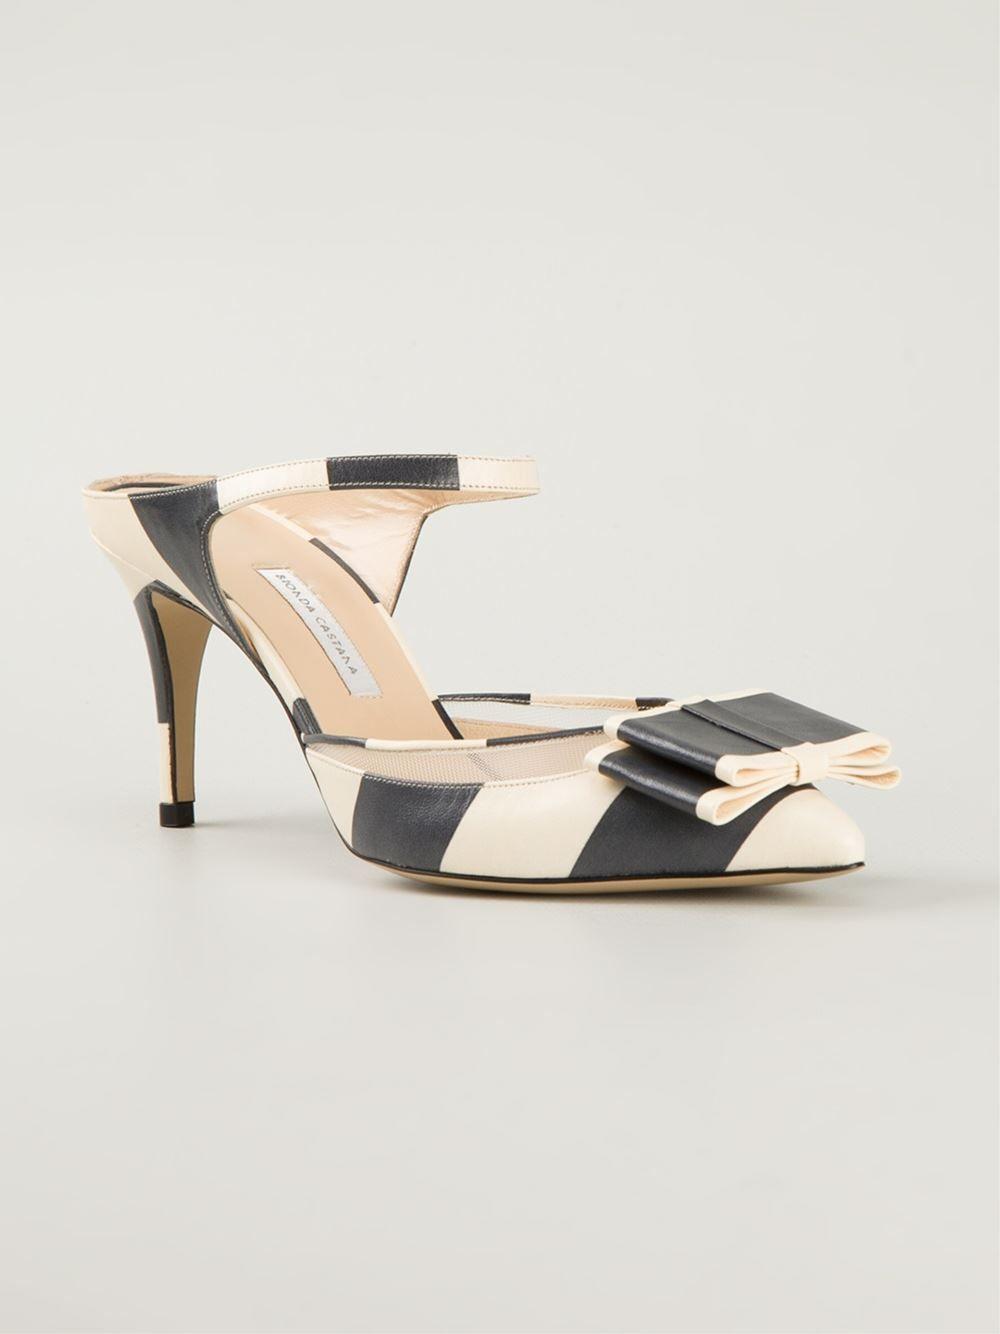 Bionda Castana 'maite Bis' Mules - The Shop At Bluebird - Farfetch.com